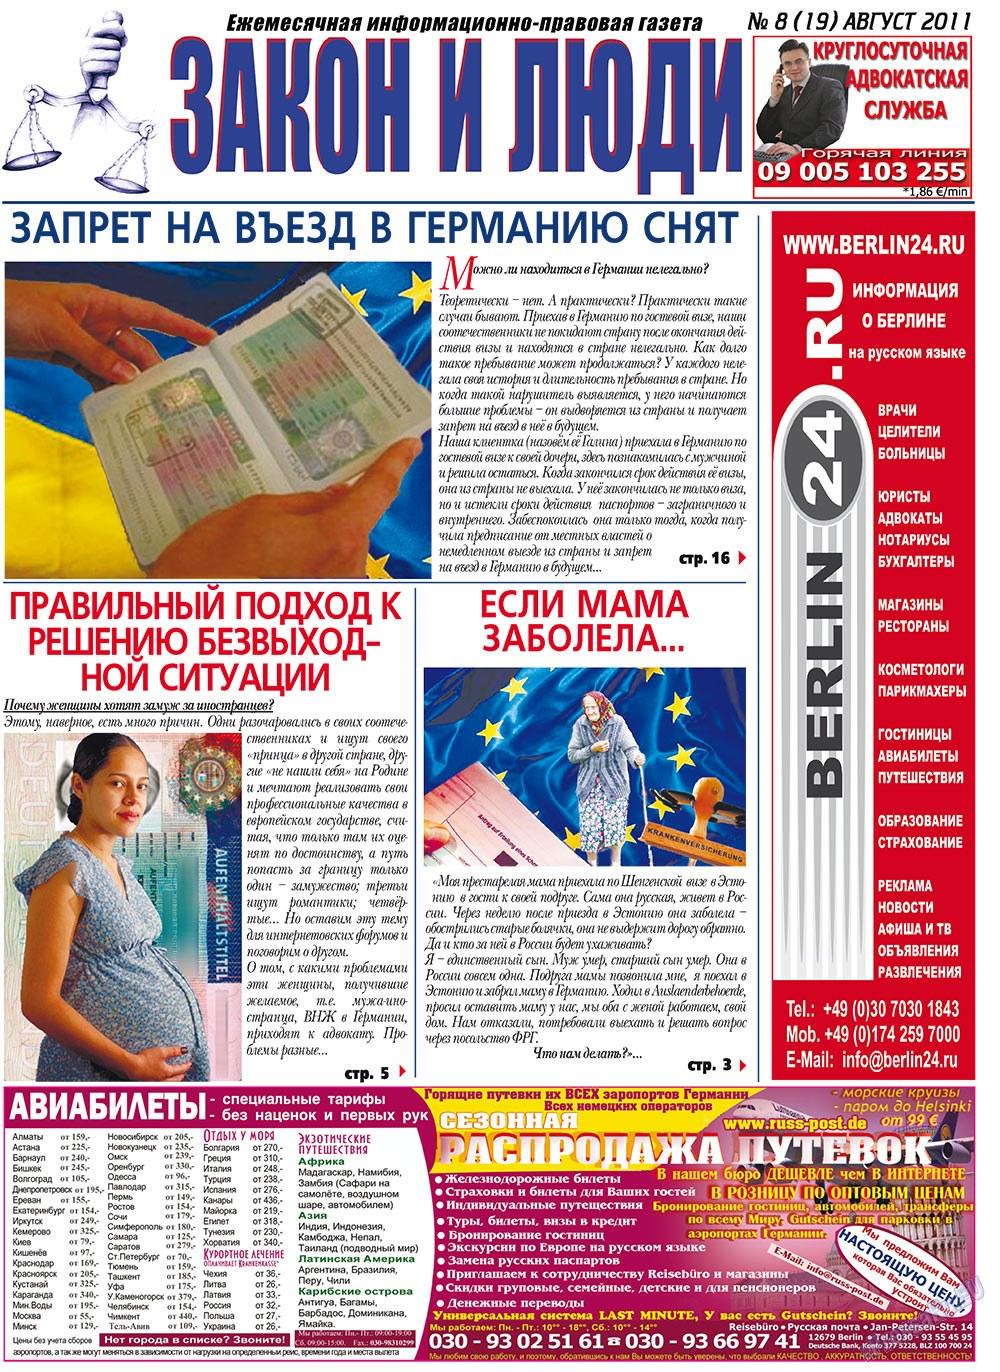 Закон и люди (газета). 2011 год, номер 8, стр. 1